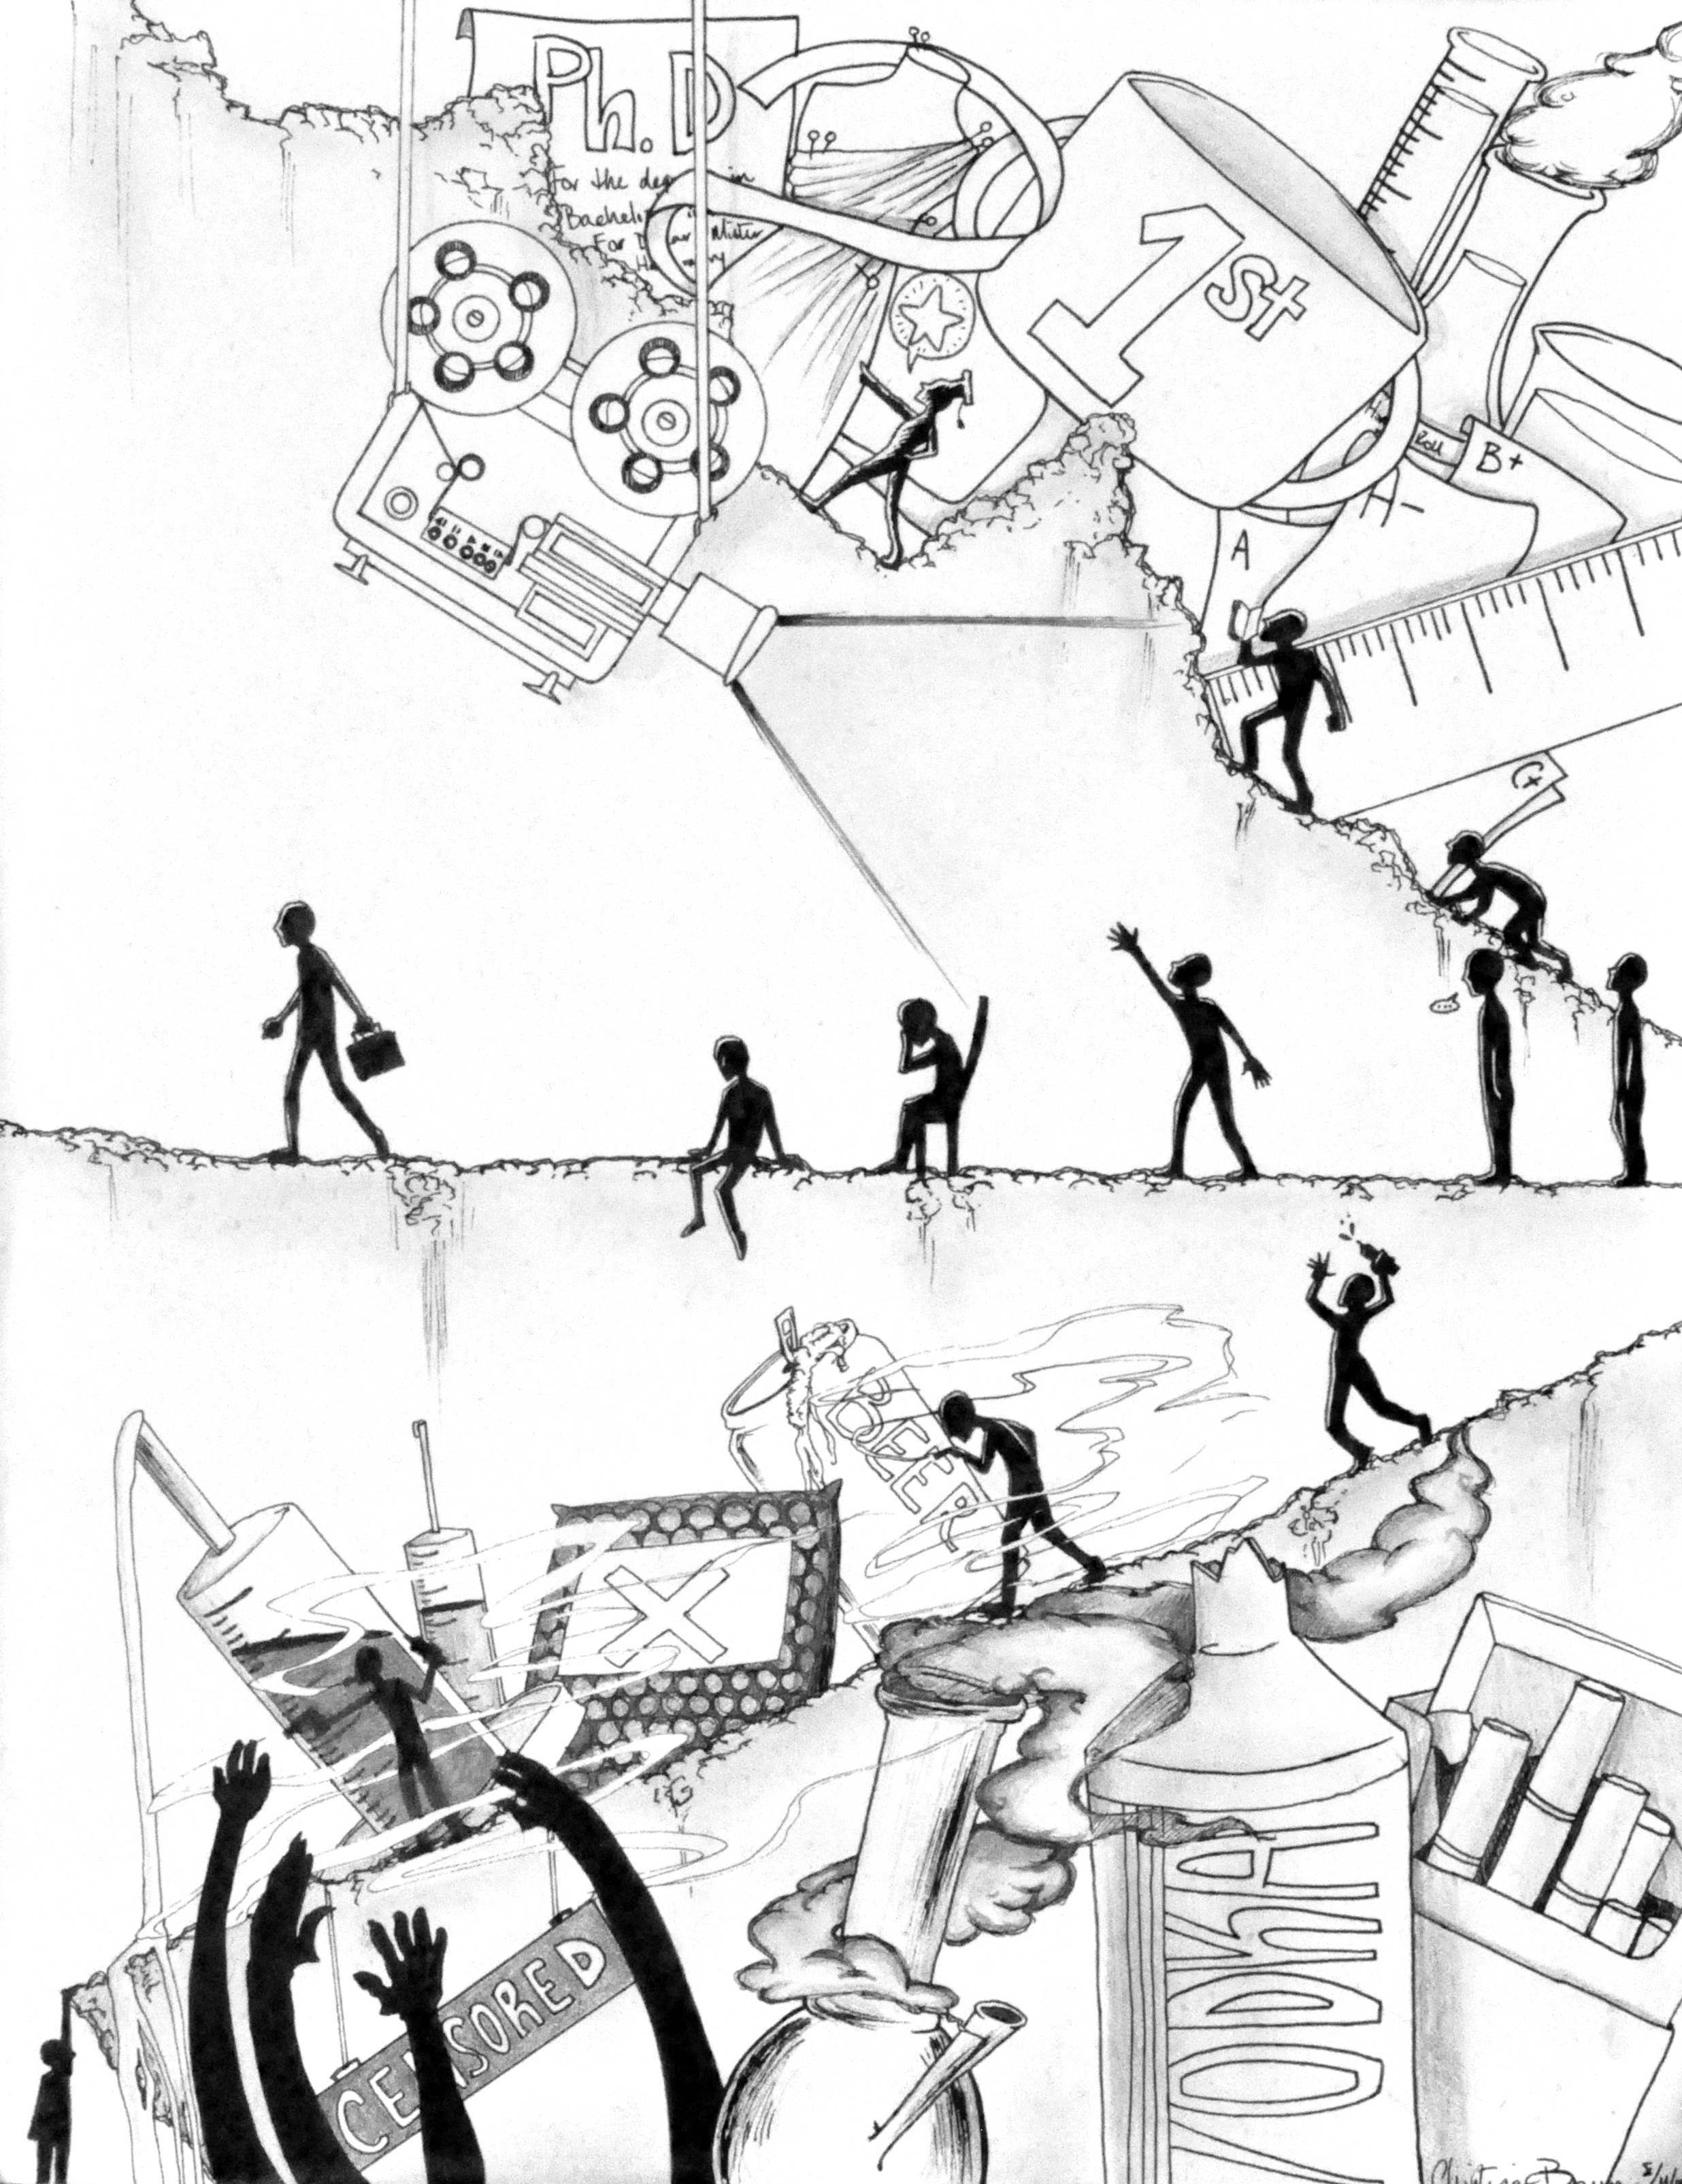 Analog Drawing